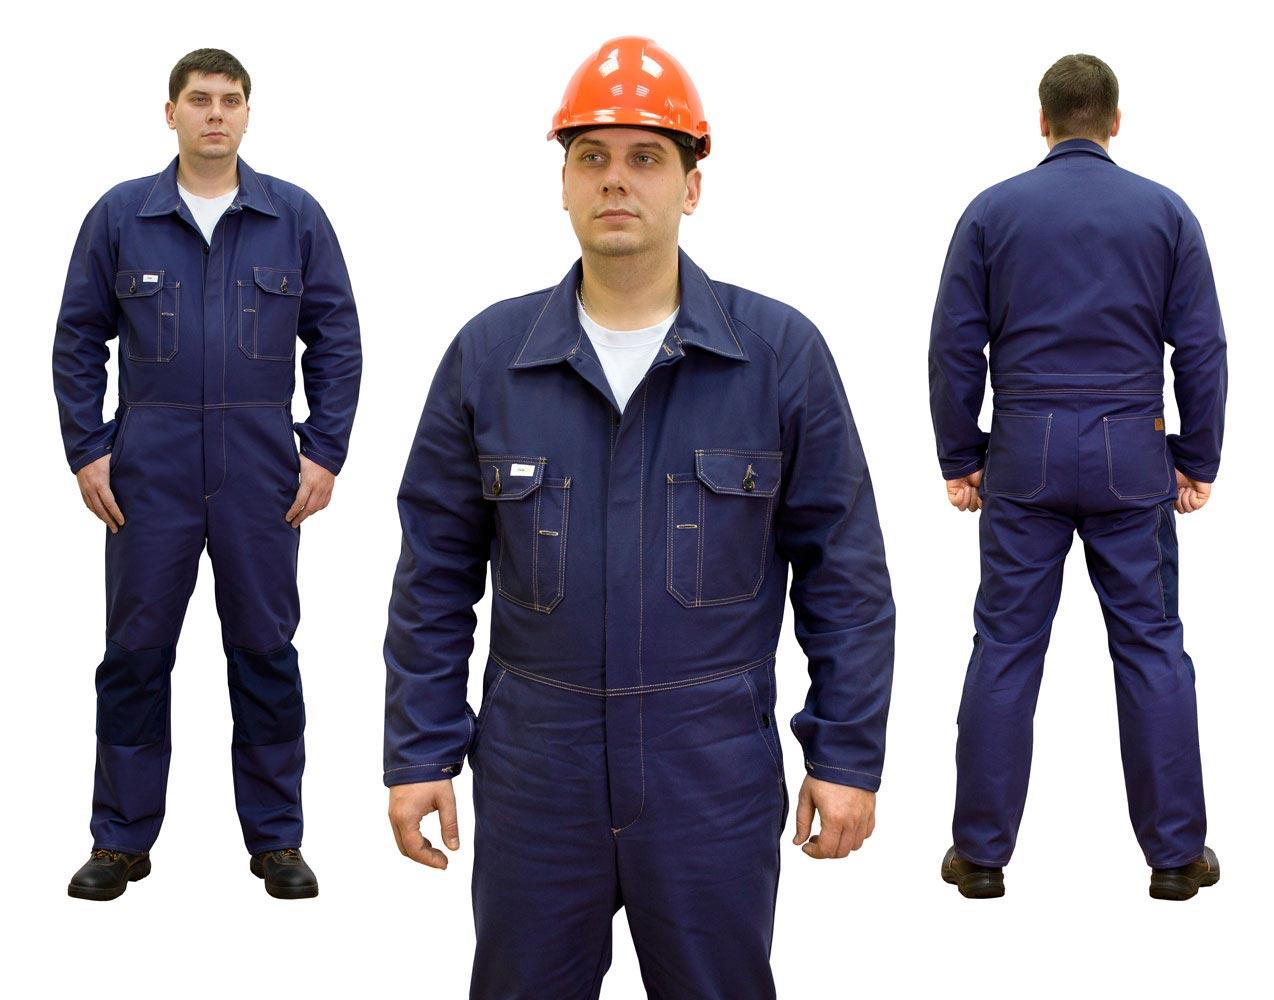 Комбинезон рабочий синего цвета